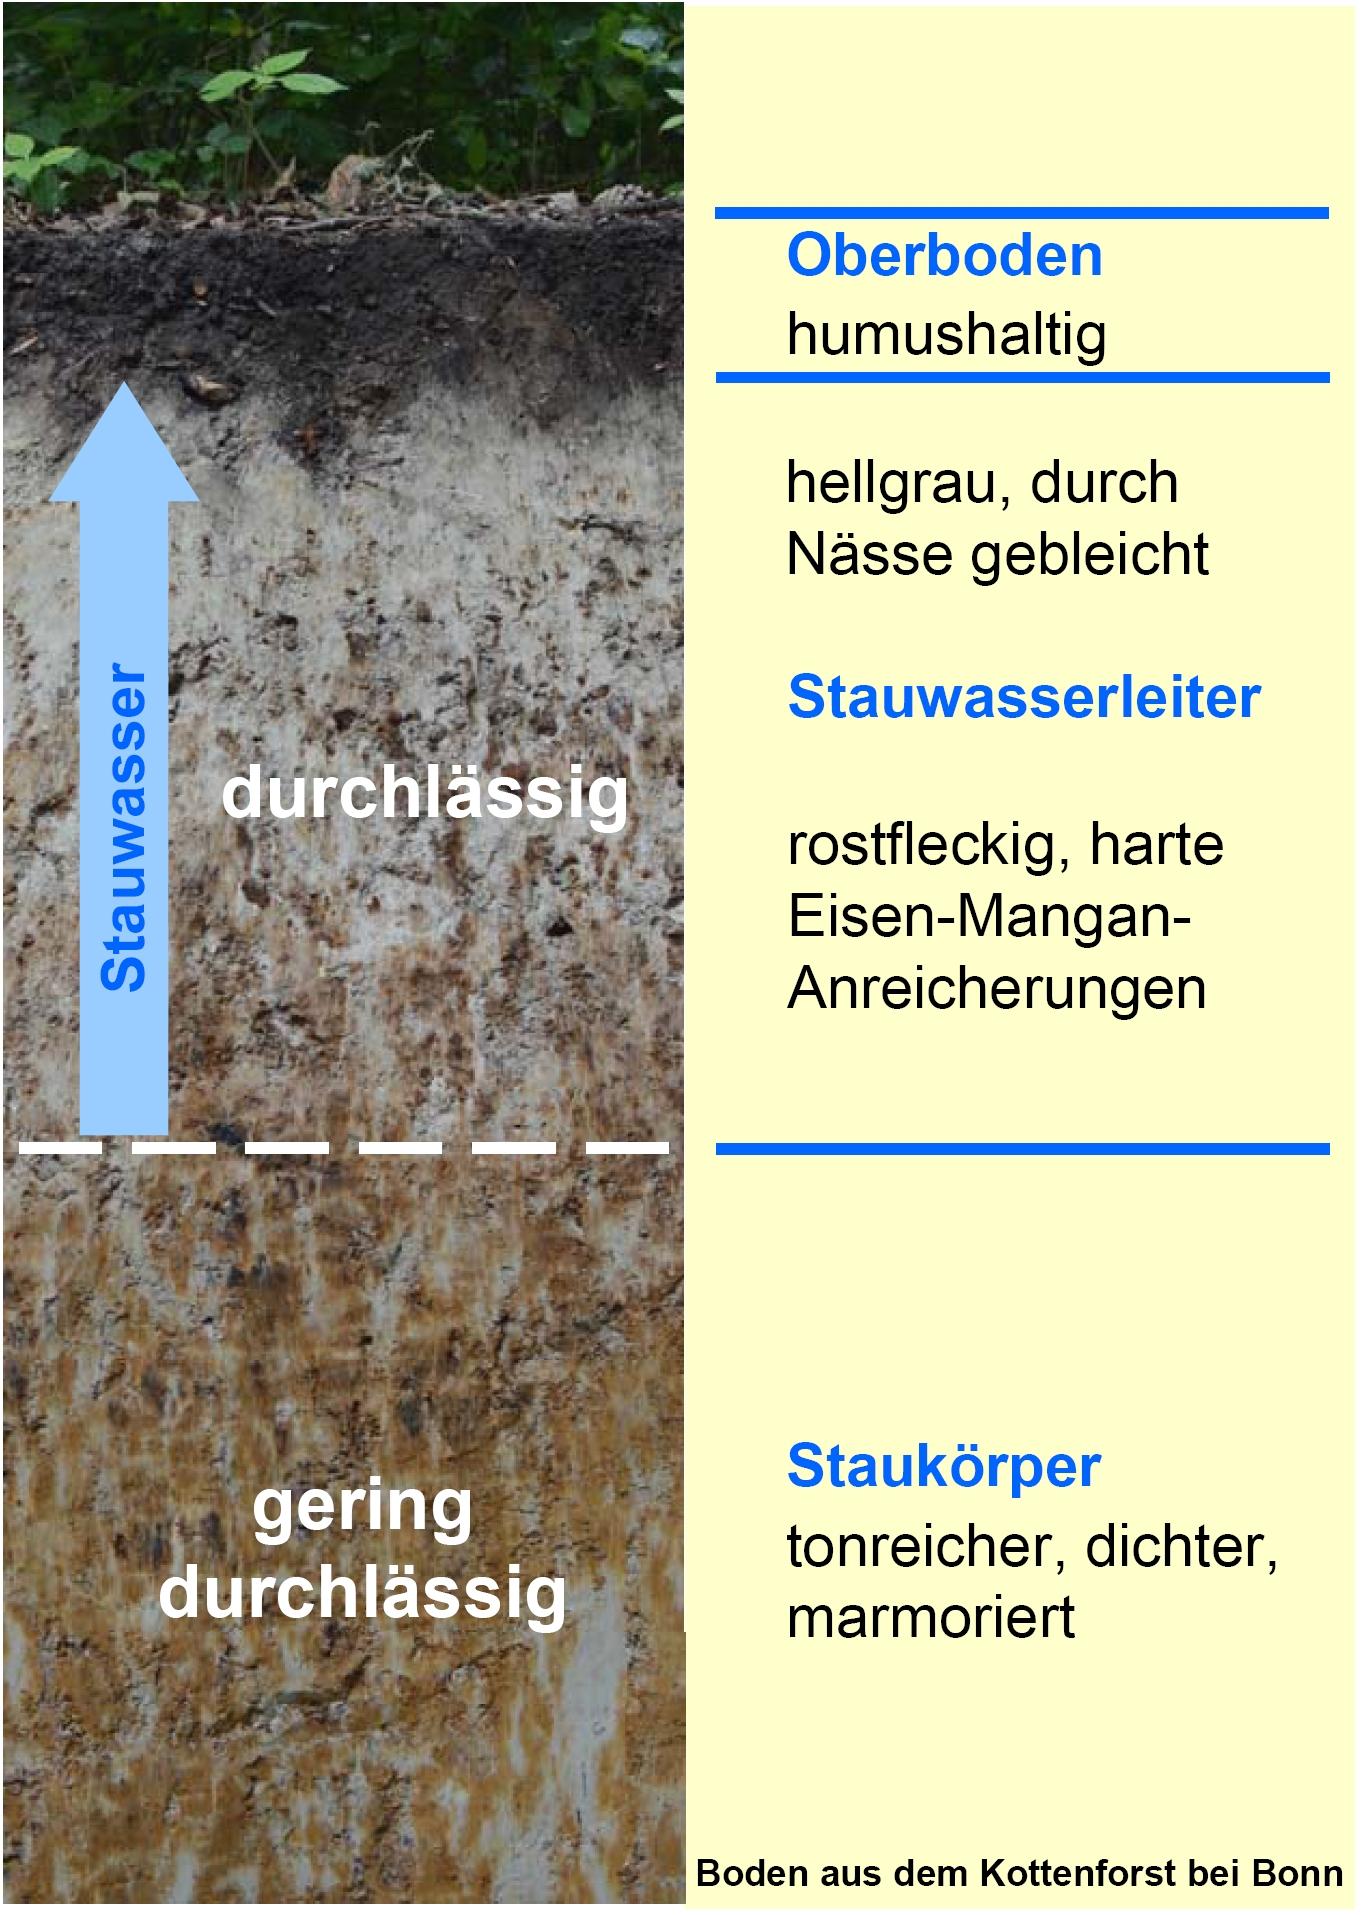 Ein Bodenprodil des Stauwasserbodens wird grafisch erläutert.